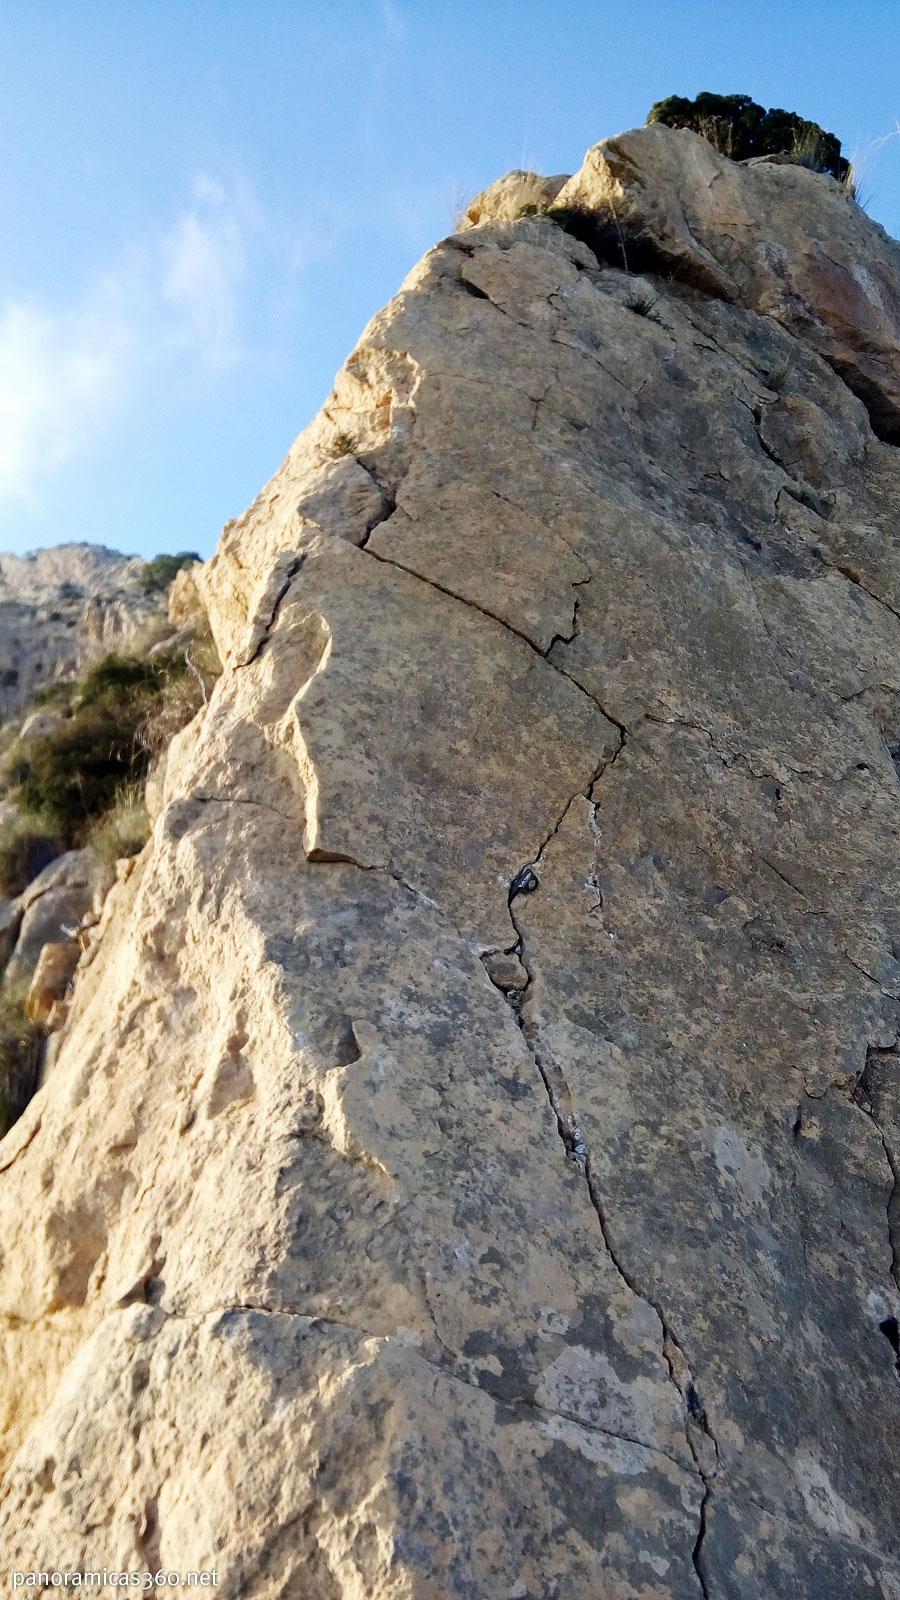 Paso clave de la cresta del Maigmó o del Cantal del Pixador. Se puede ver un clavo para asegurar el paso